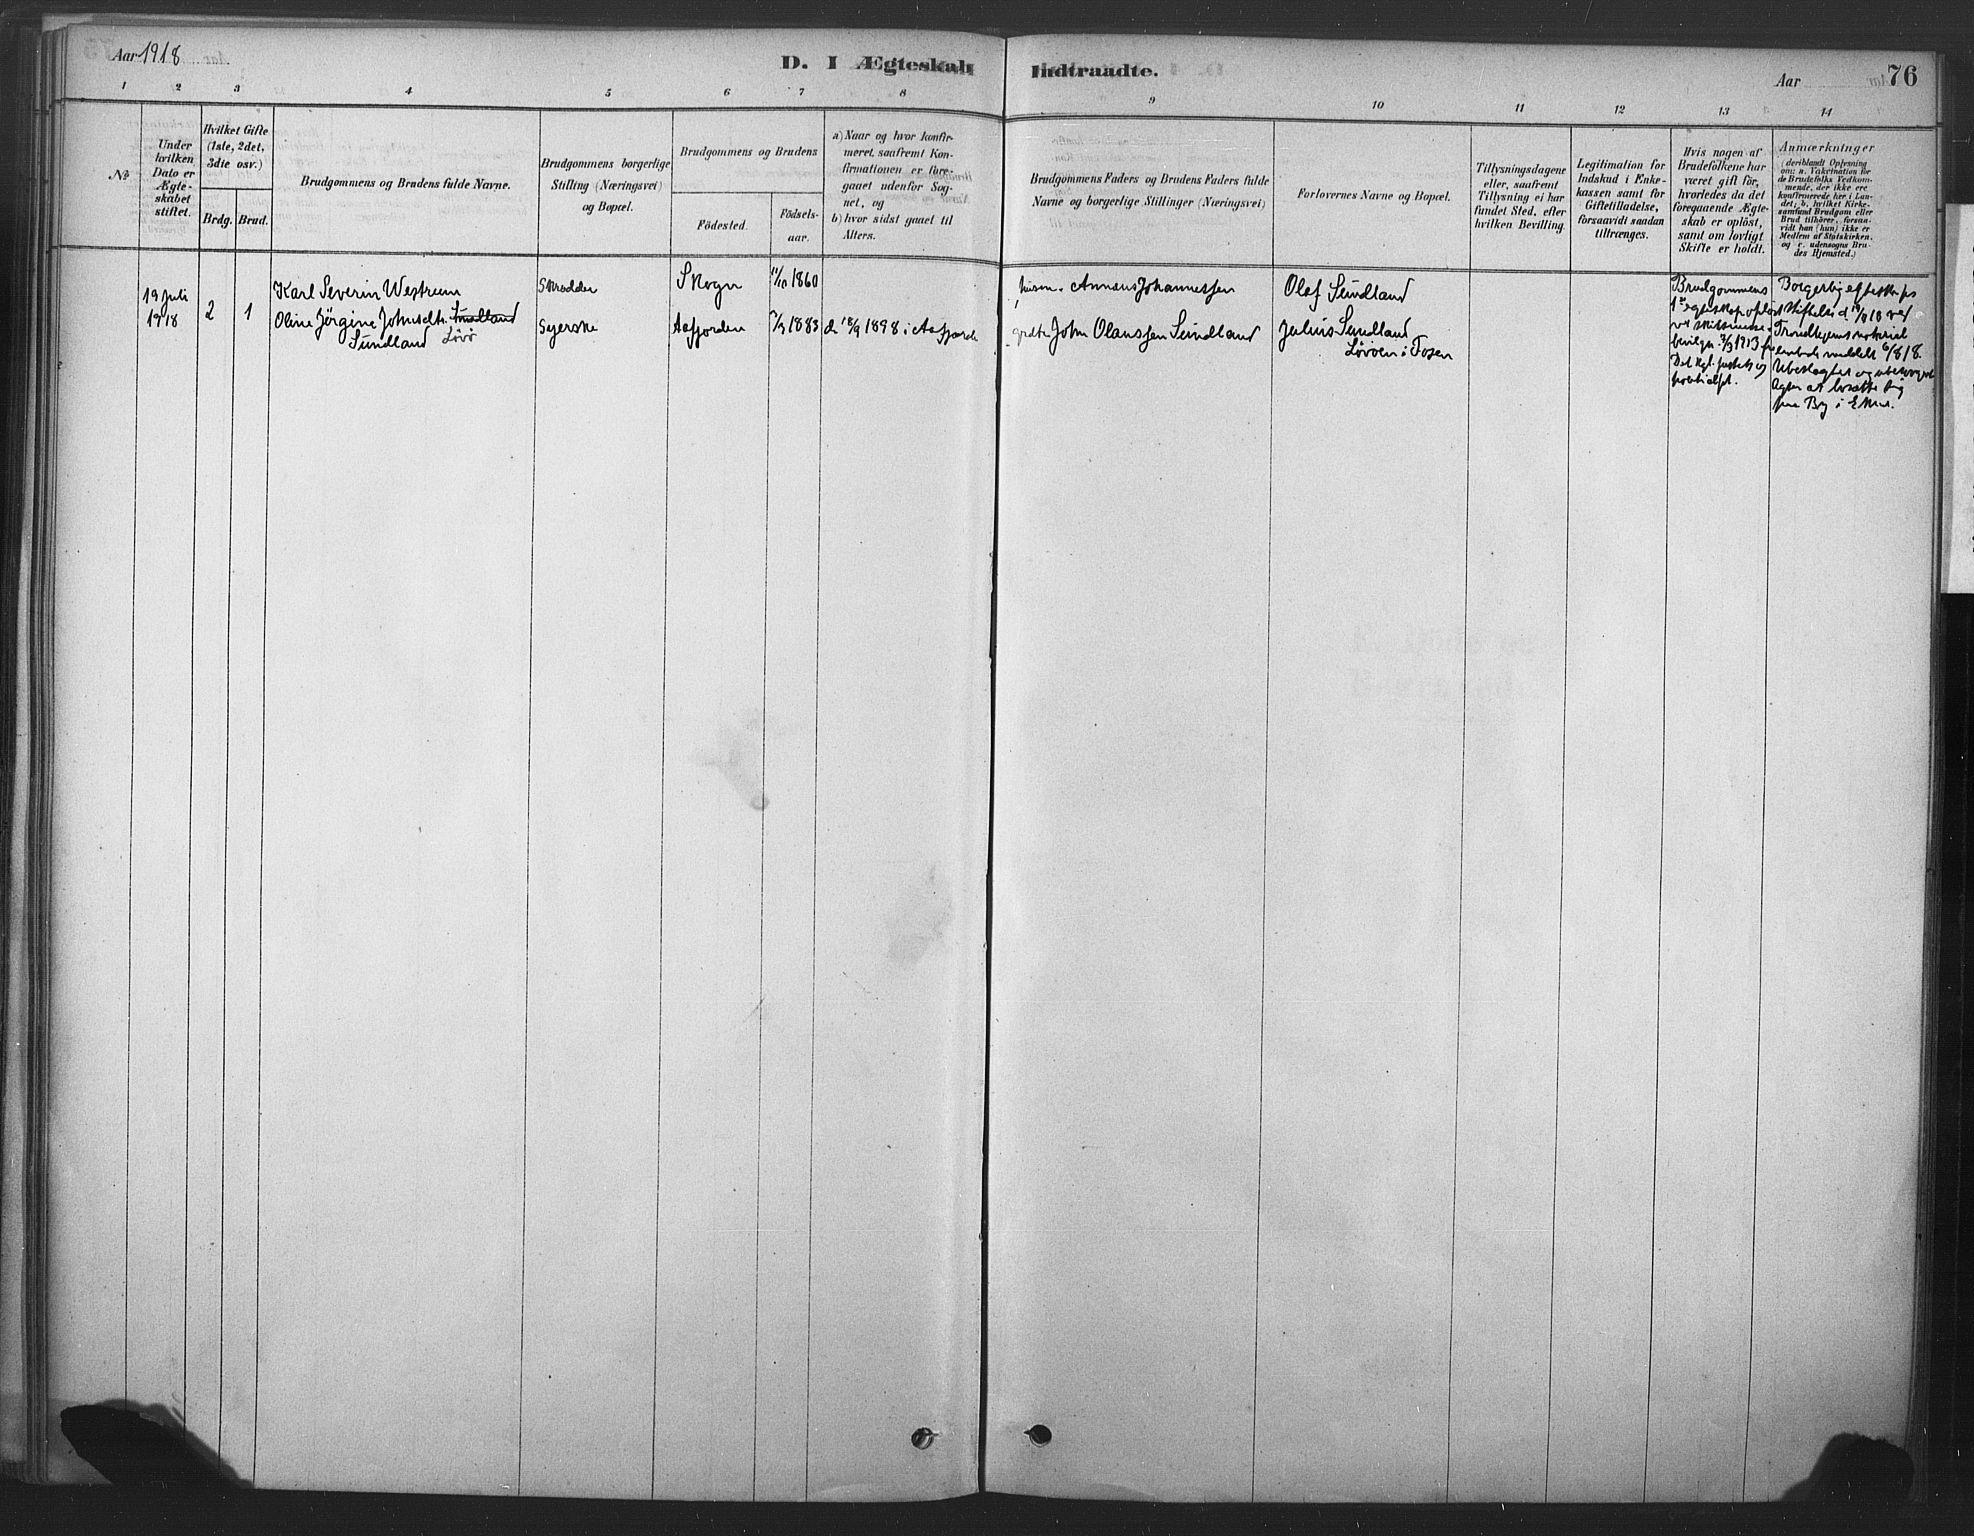 SAT, Ministerialprotokoller, klokkerbøker og fødselsregistre - Nord-Trøndelag, 719/L0178: Ministerialbok nr. 719A01, 1878-1900, s. 76